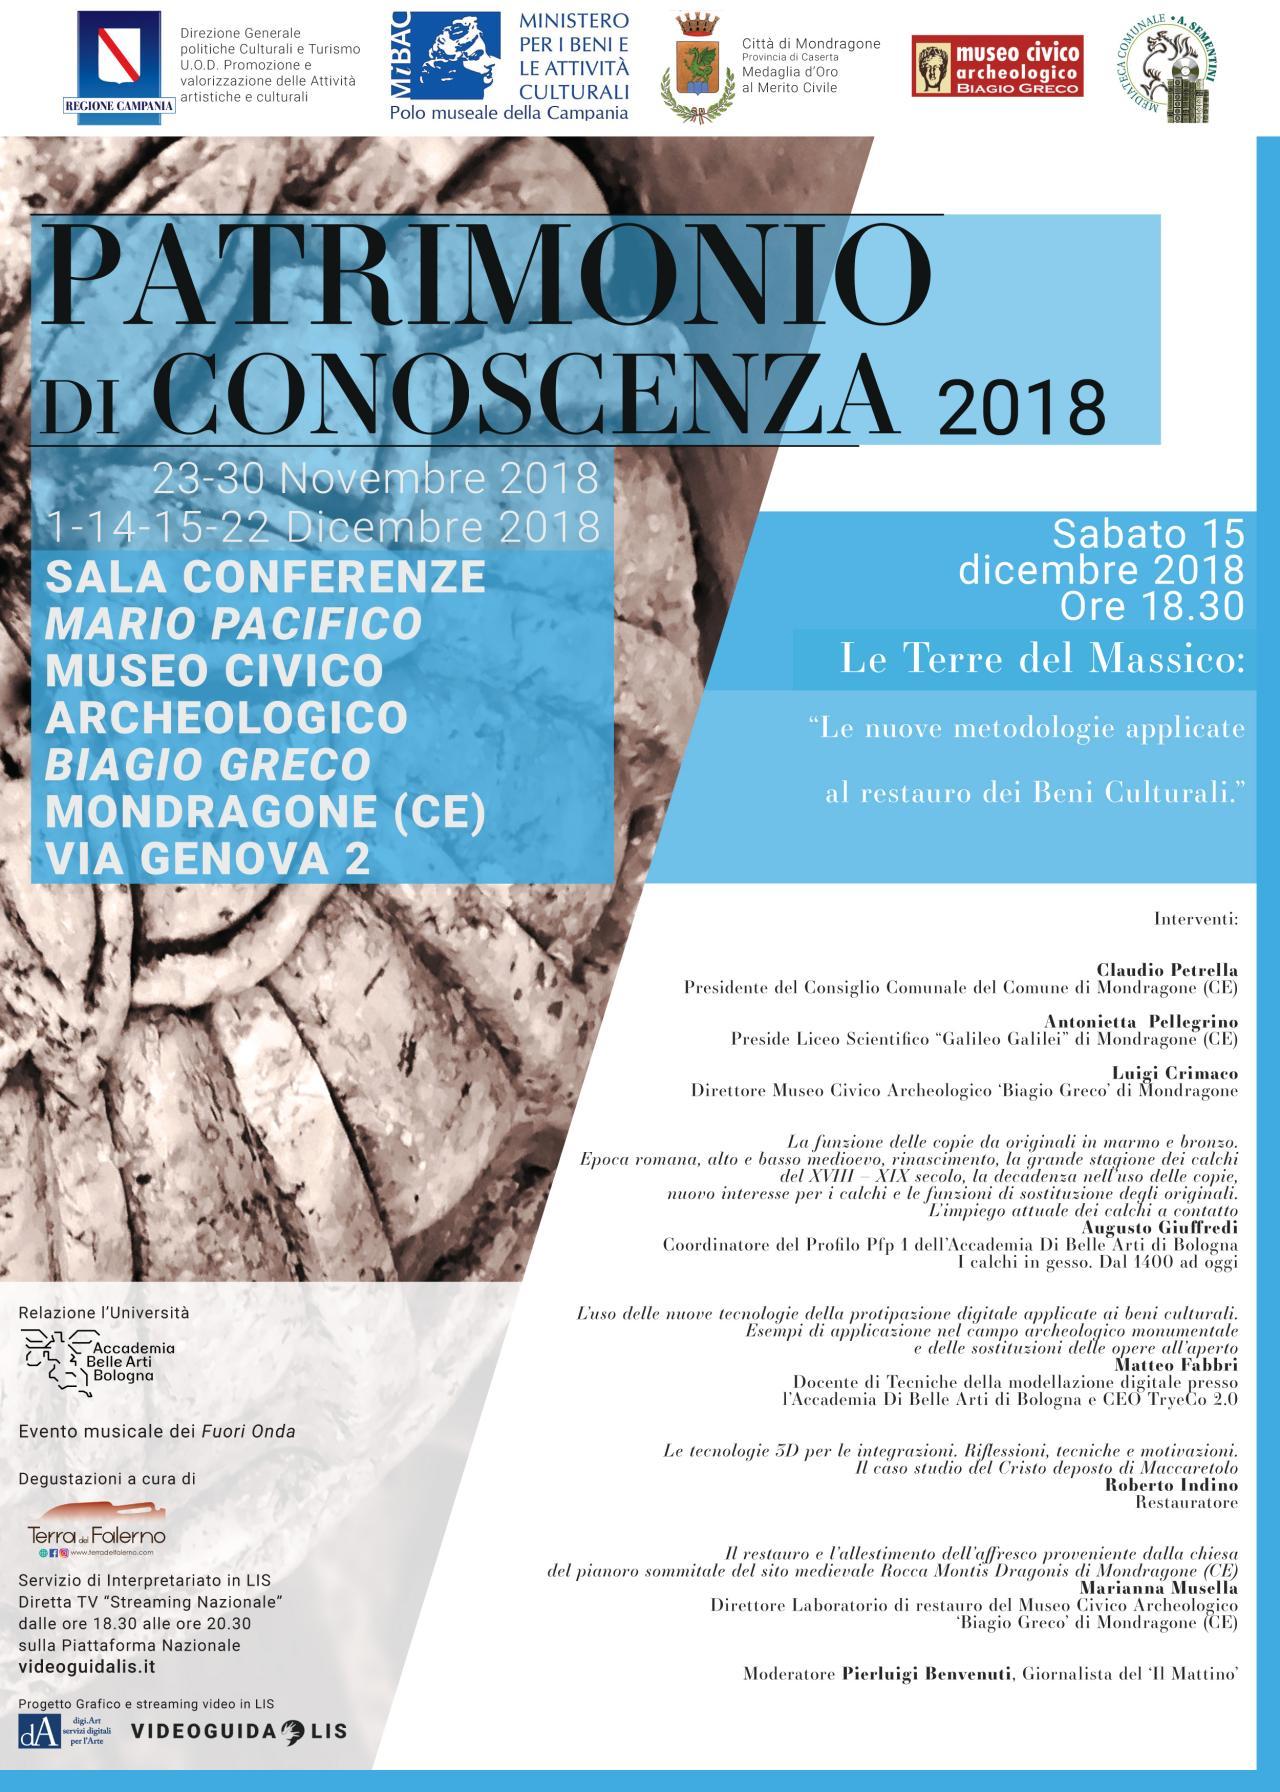 Patrimonio di Conoscenza 2018 locandina terzo appuntamento 14 12 2018